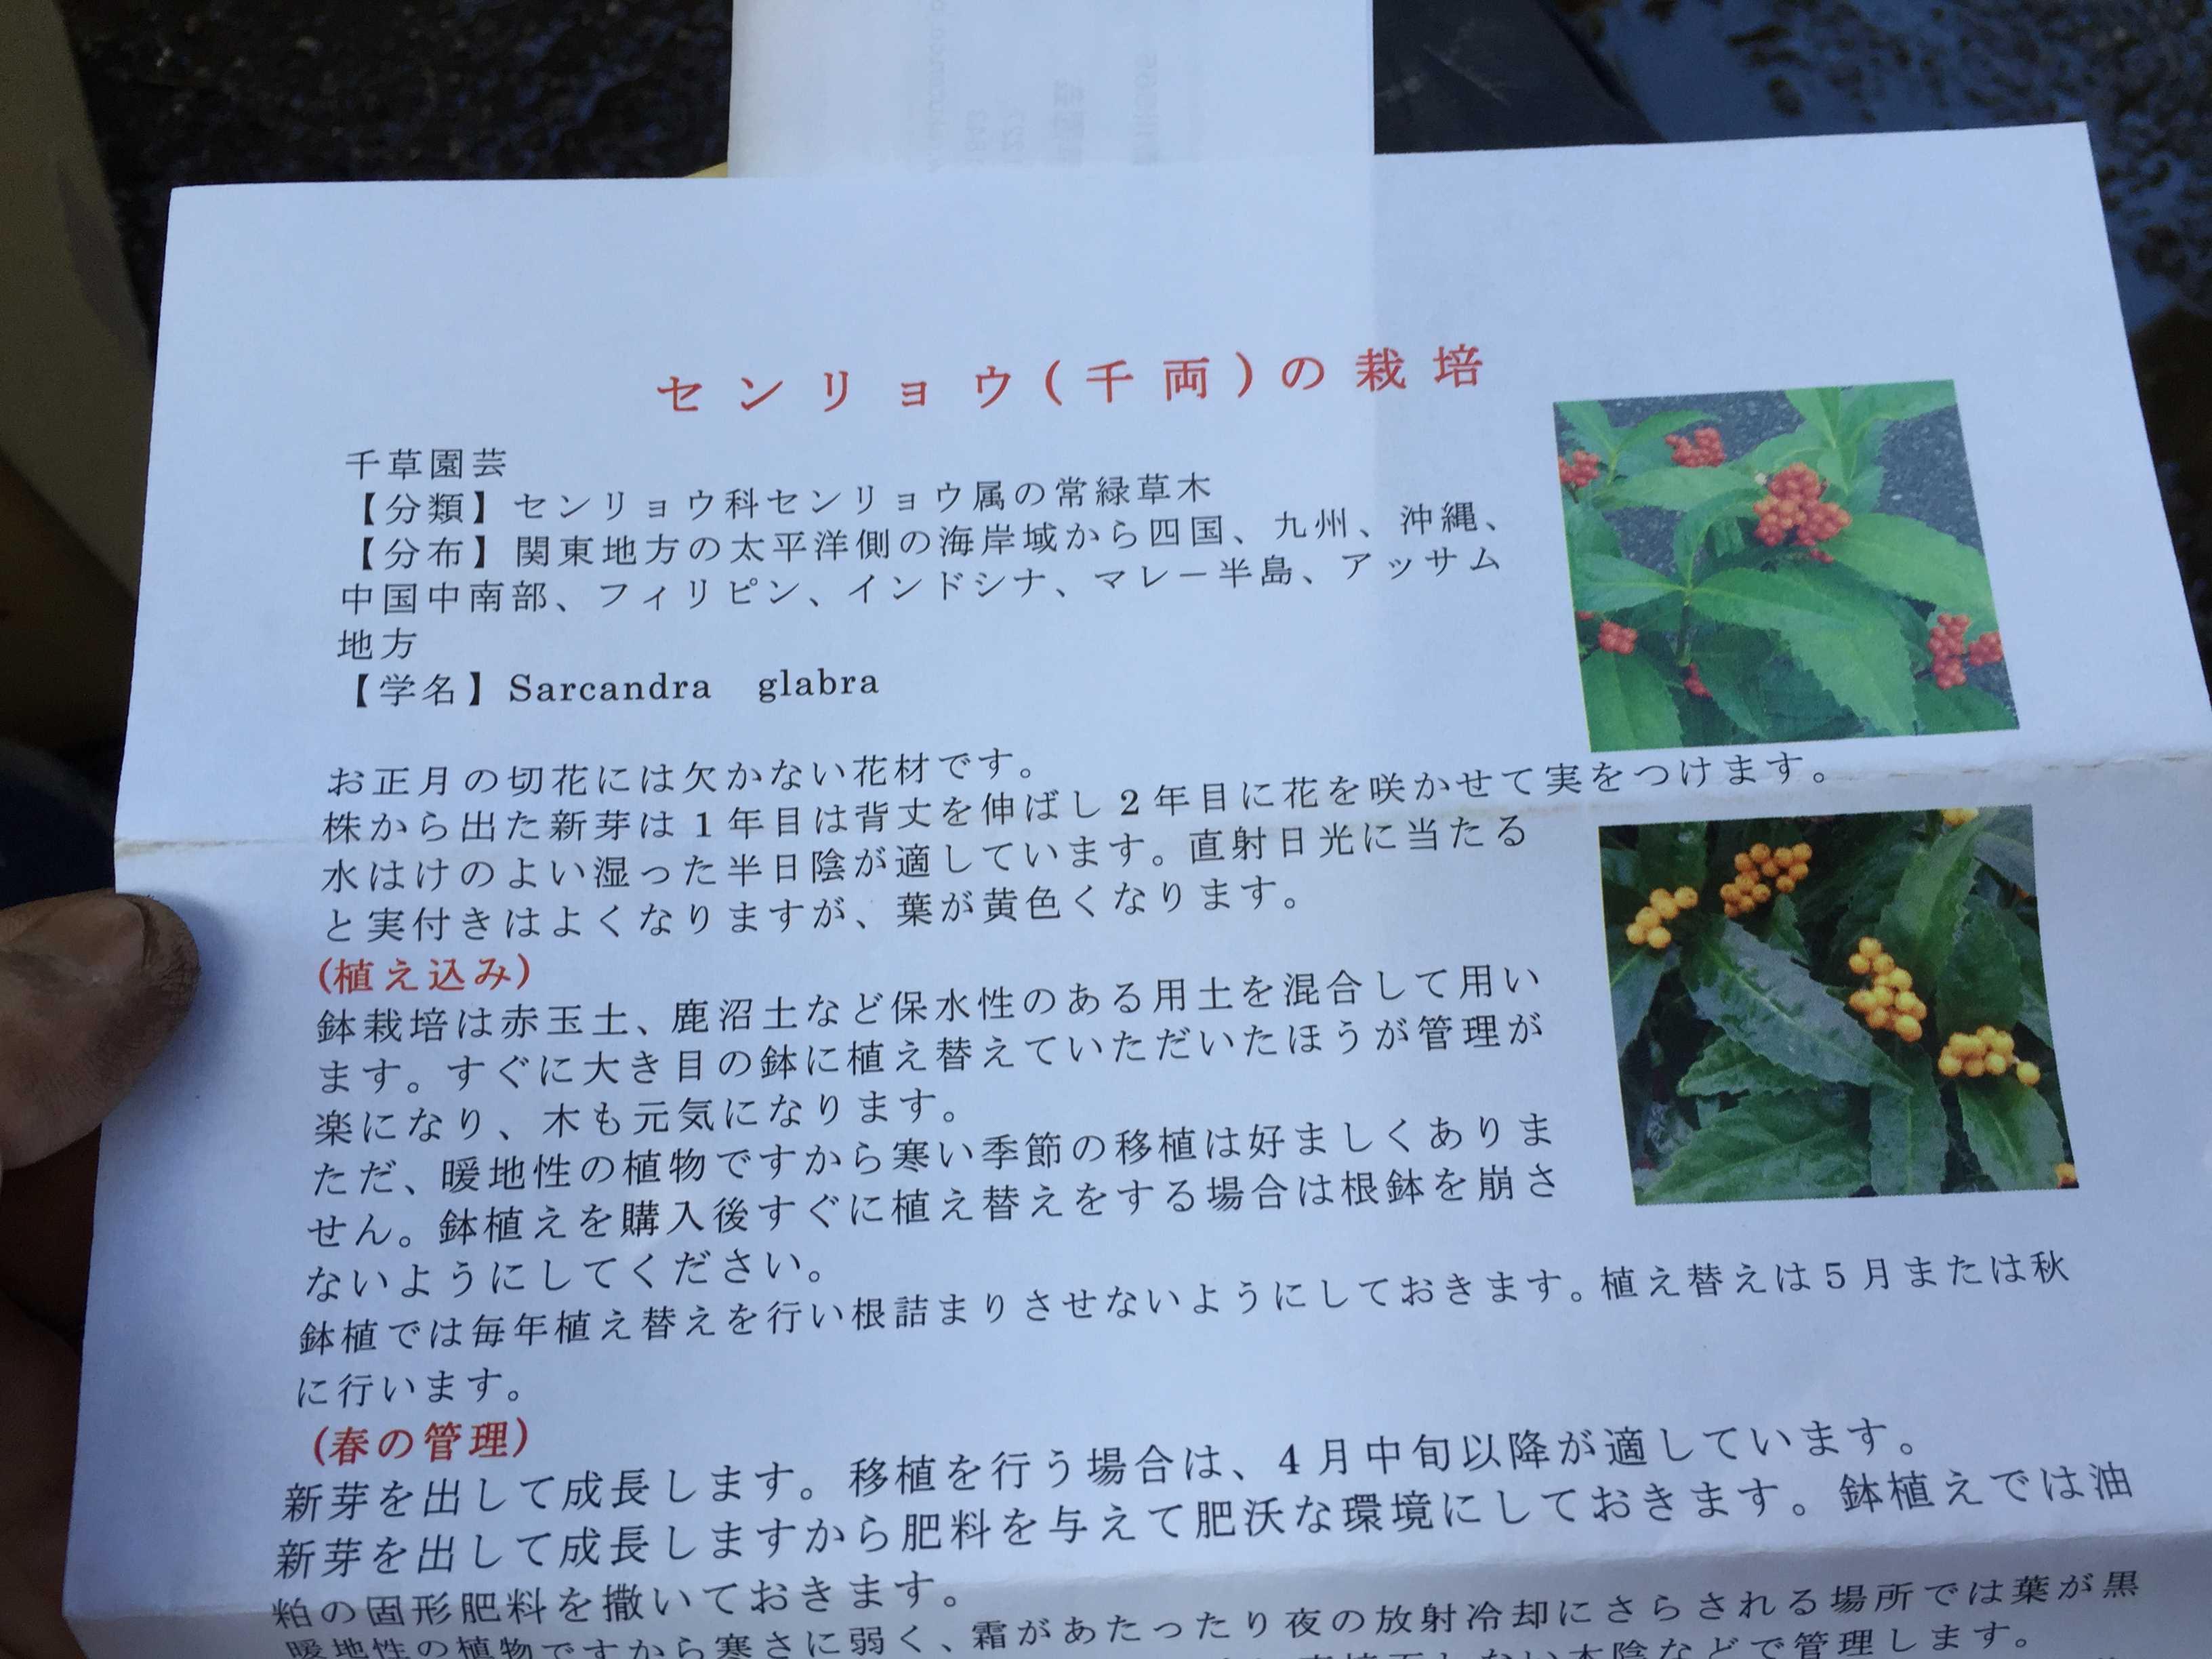 千両(センリョウ) の栽培方法